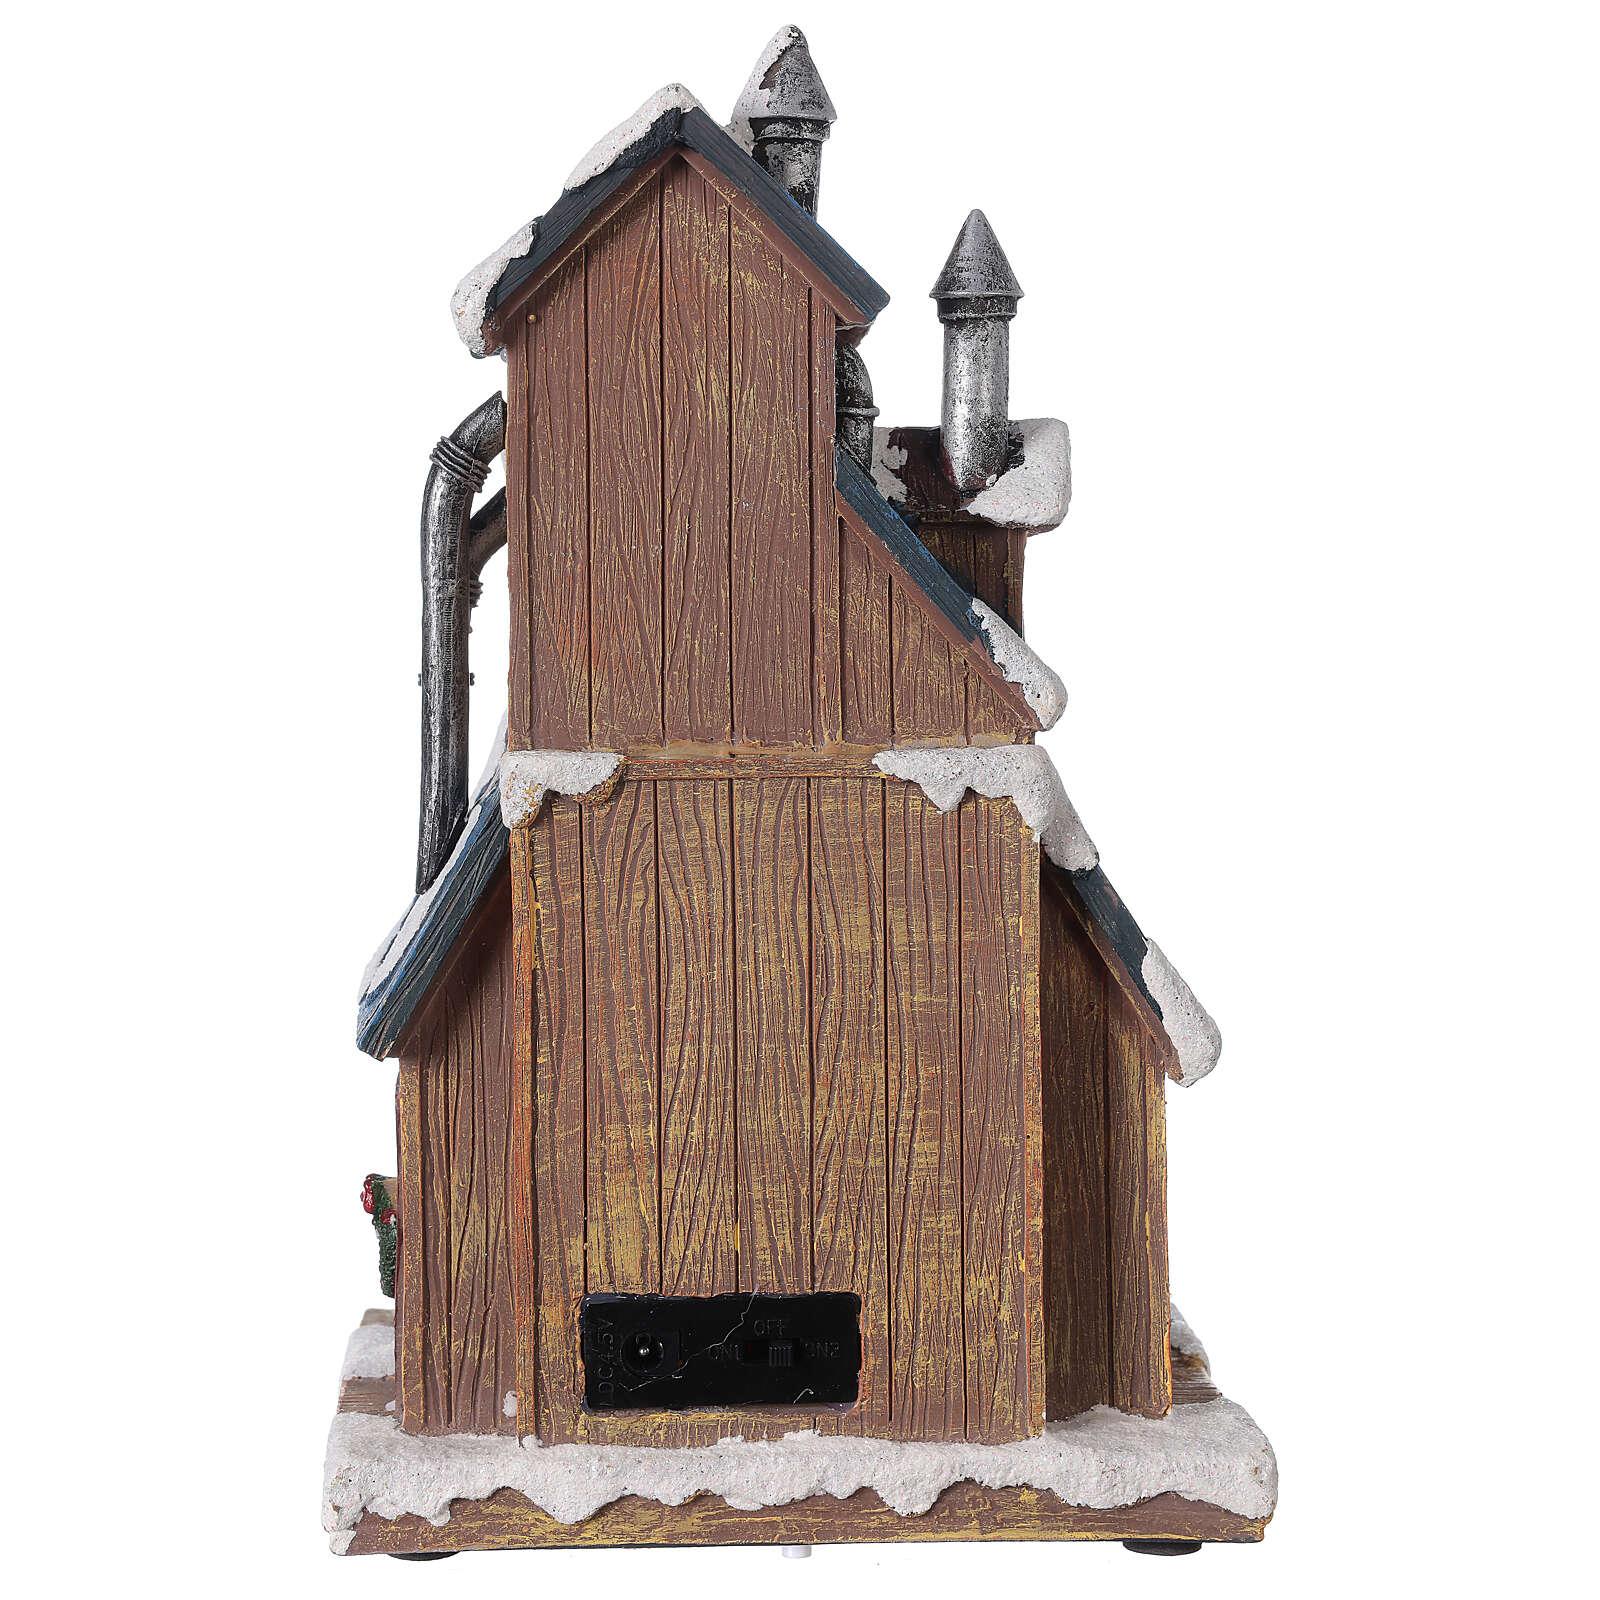 Villaggio fabbrica Babbo Natale luci musica 30x20x15 cm 3